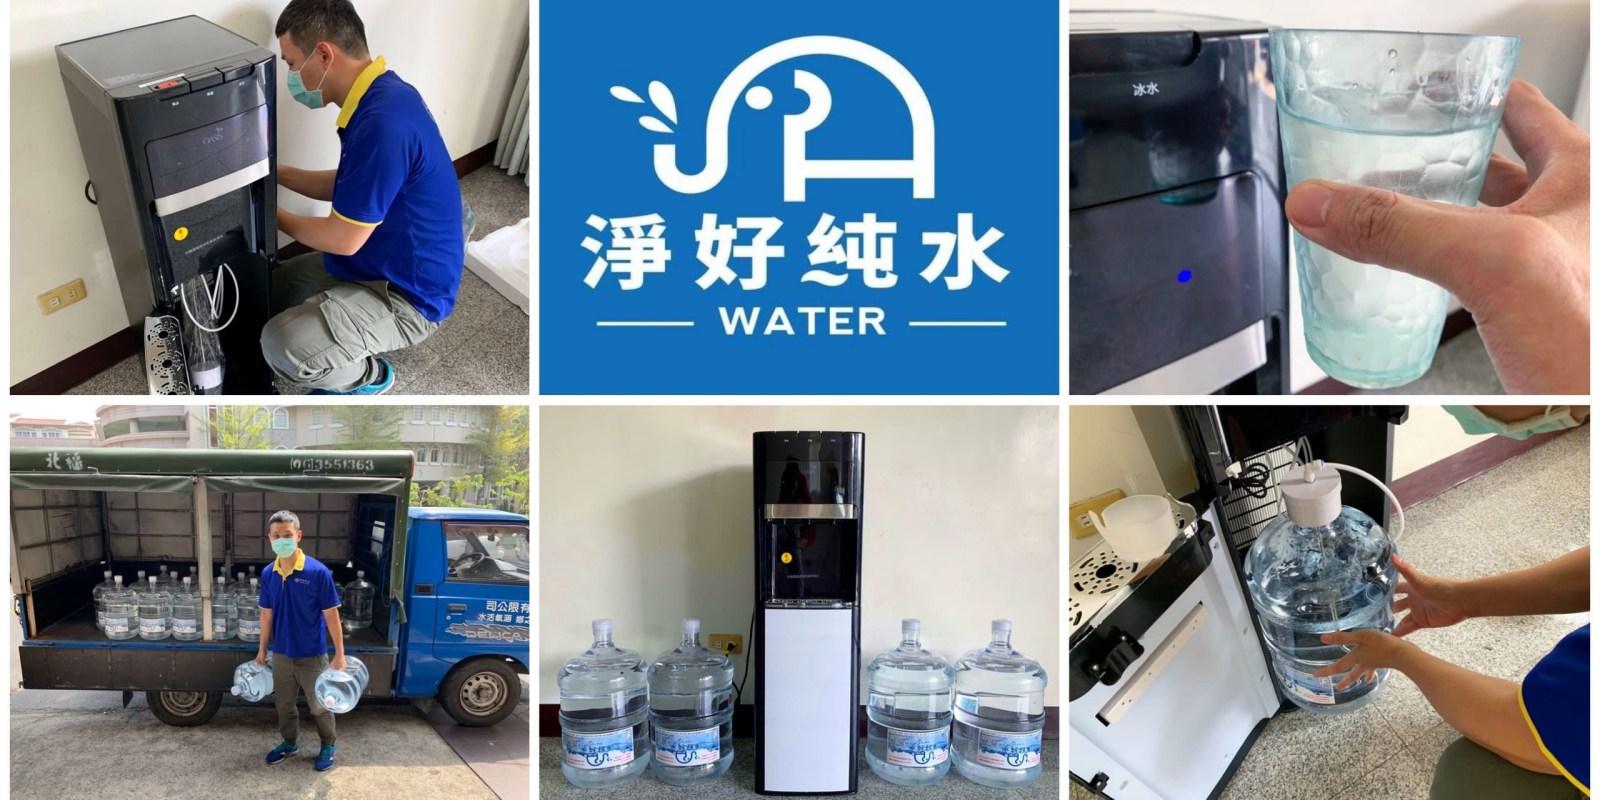 [台南服務] 淨好純水 - 專營最高品質的飲用水讓大家能夠健康喝好水